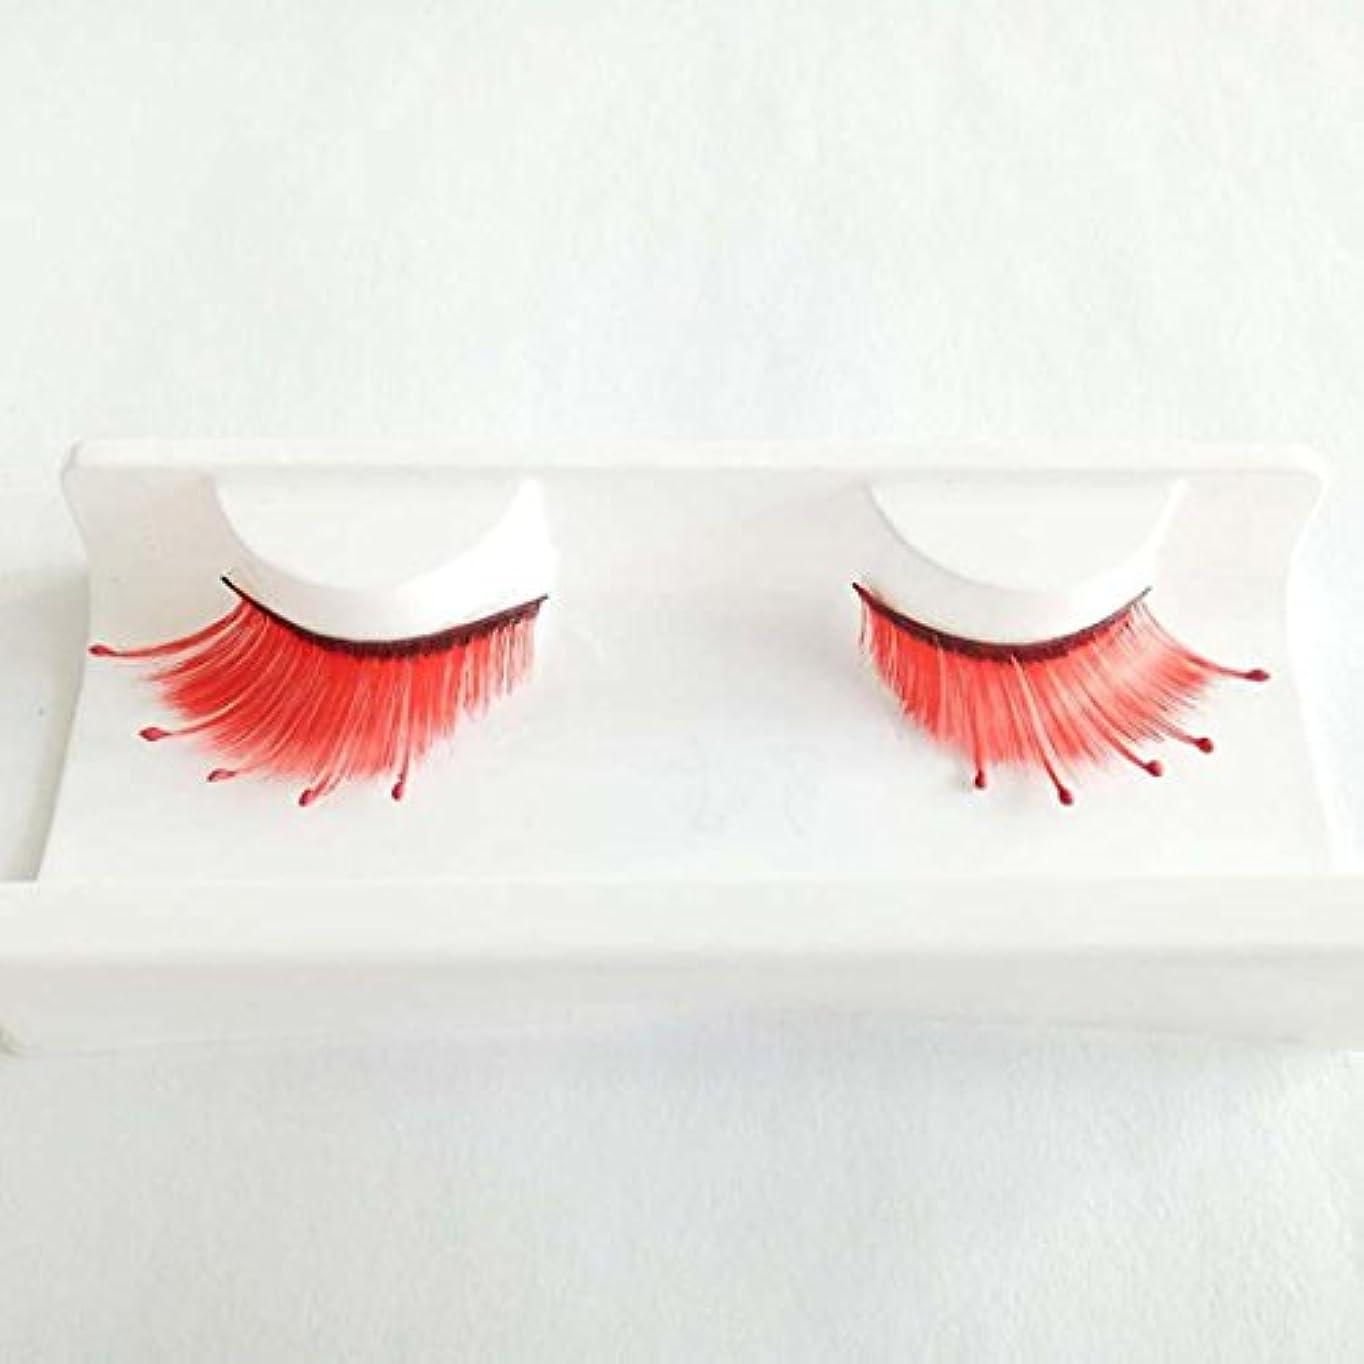 カエルいっぱいその後Feteso 1組 つけまつげ 上まつげ Eyelashes アイラッシュ ビューティー まつげエクステ レディース 化粧ツール アイメイクアップ 人気 ナチュラル 飾り 濃密 柔らかい プレゼント